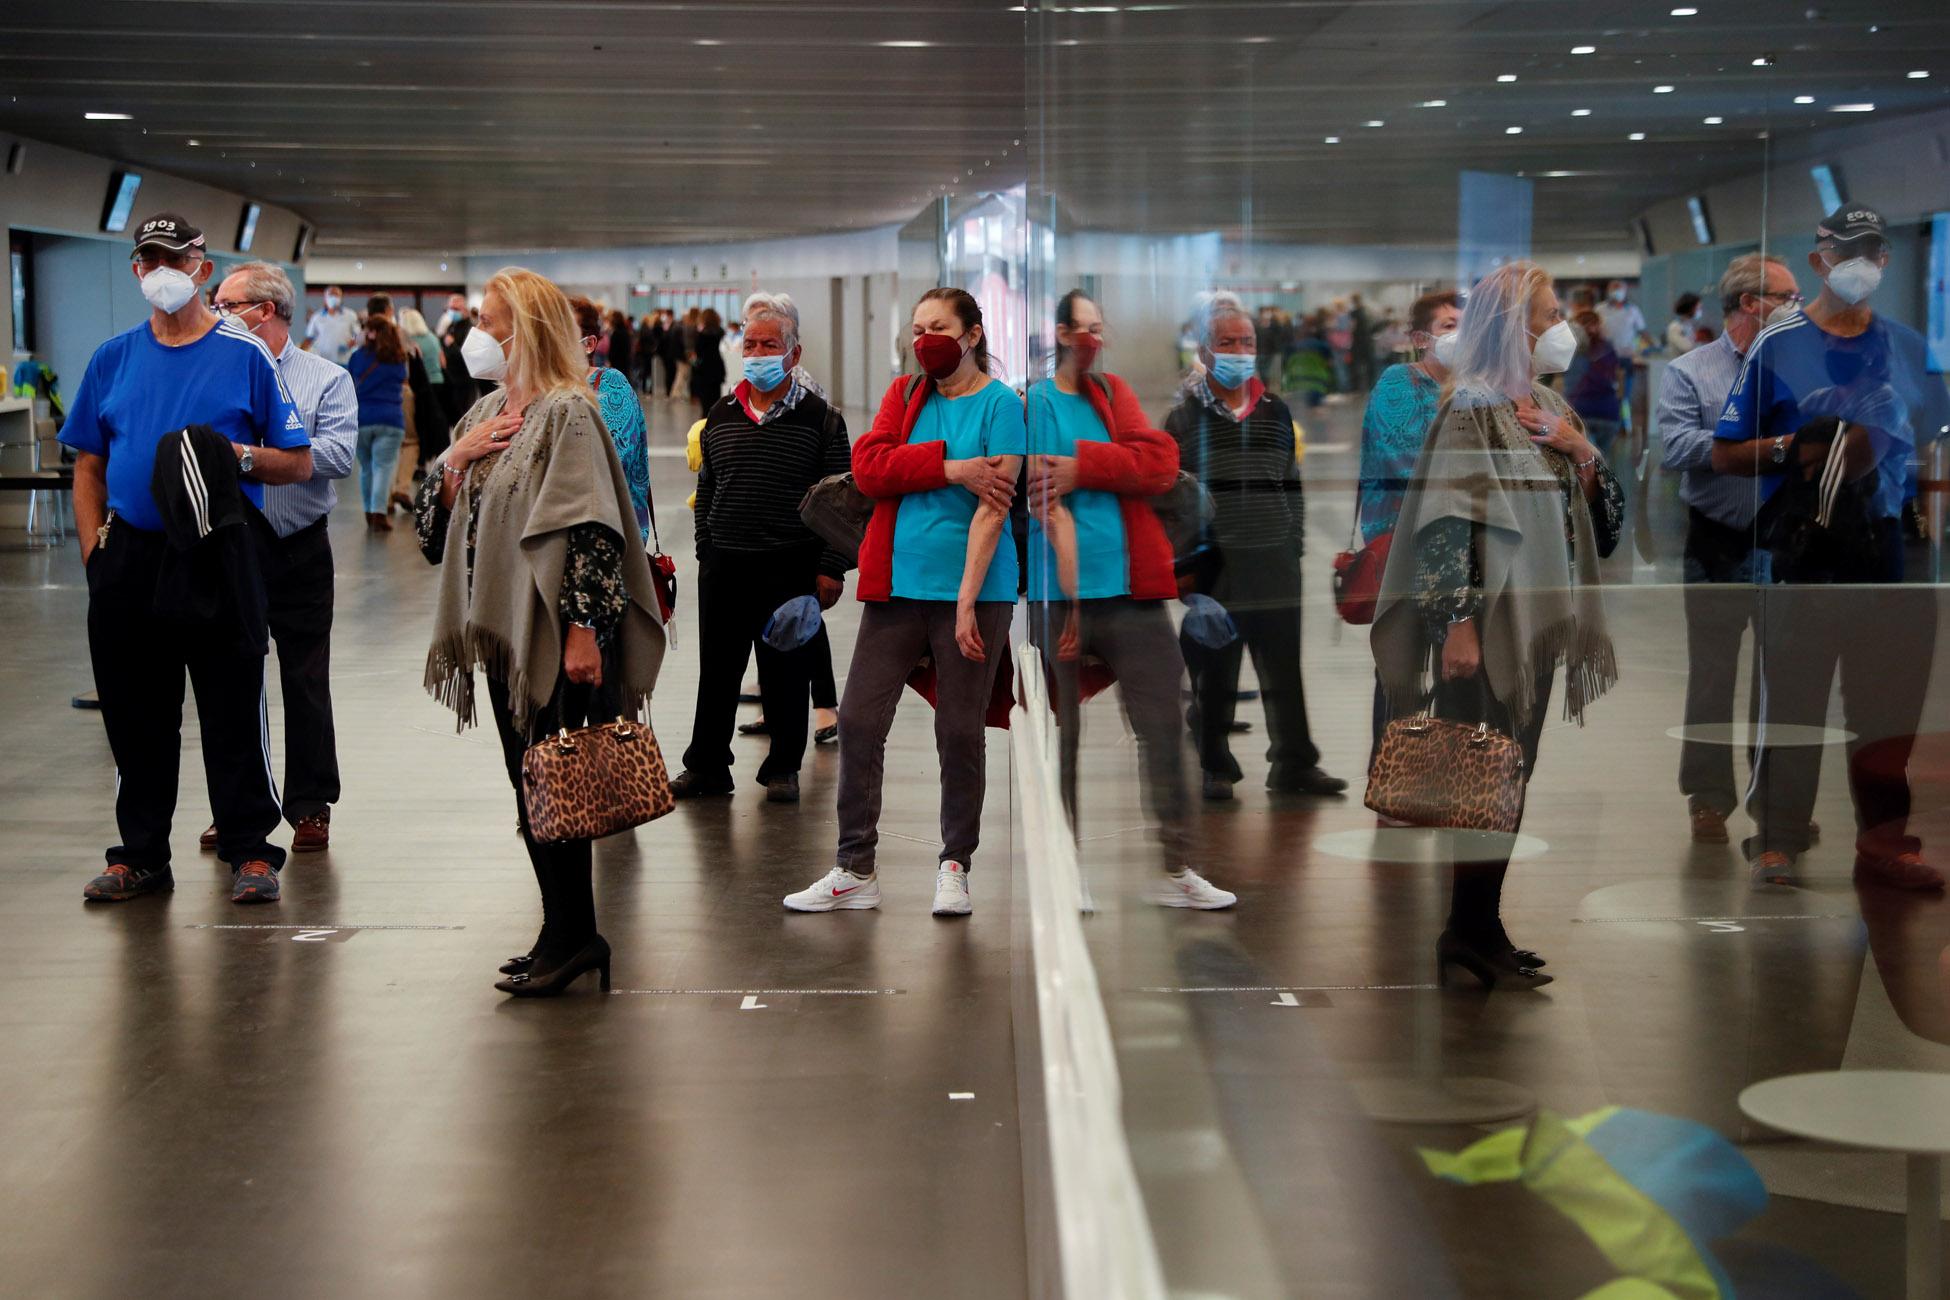 Ισπανία: Αυξάνονται τα κρούσματα στις περισσότερες περιφέρειες